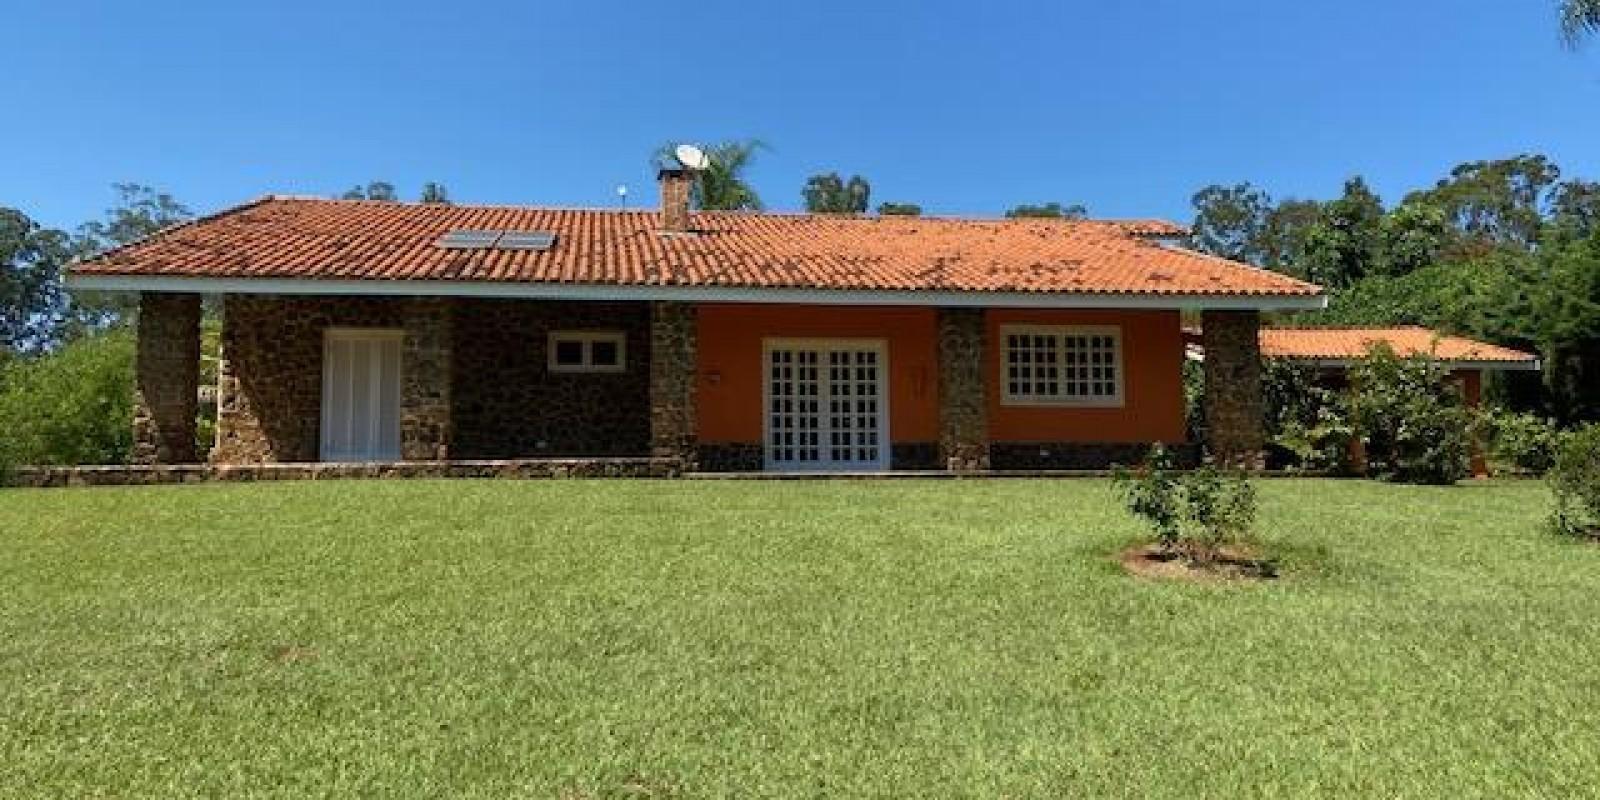 Casa na Represa Condomínio  Parque Náutico em Avaré SP - Foto 32 de 40